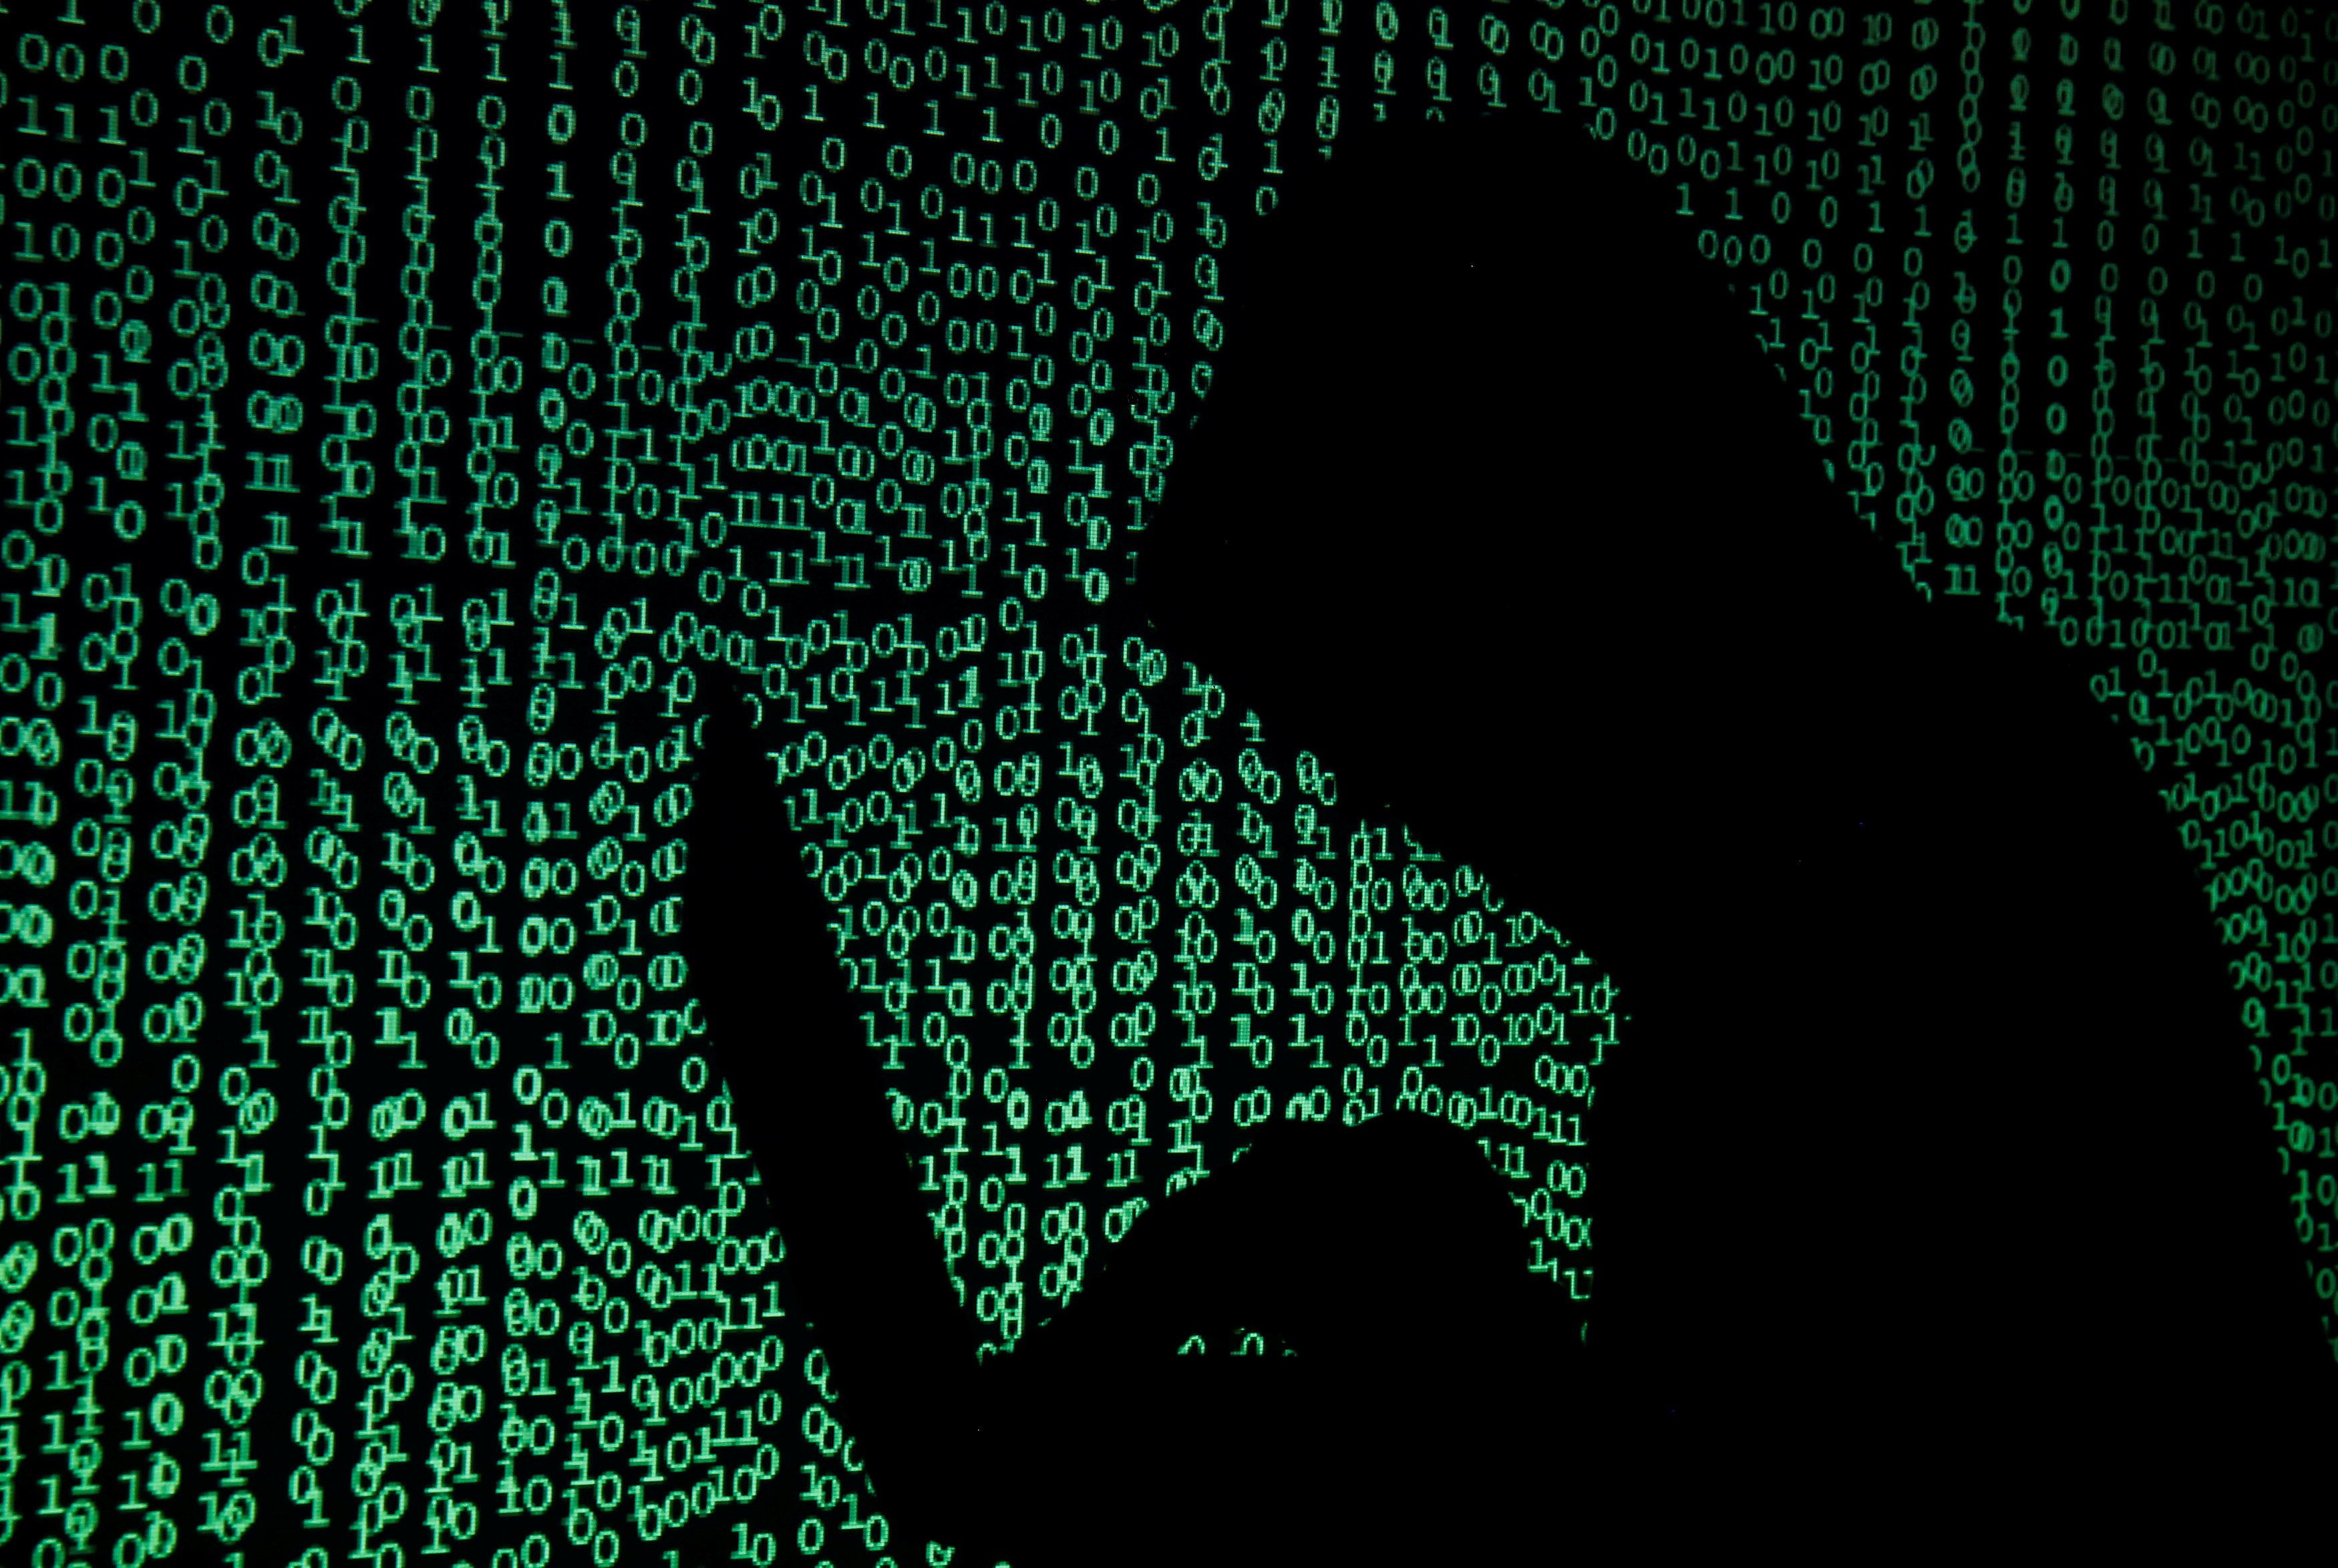 起底特大网络盗刷案:数亿人信息因一习惯被盗